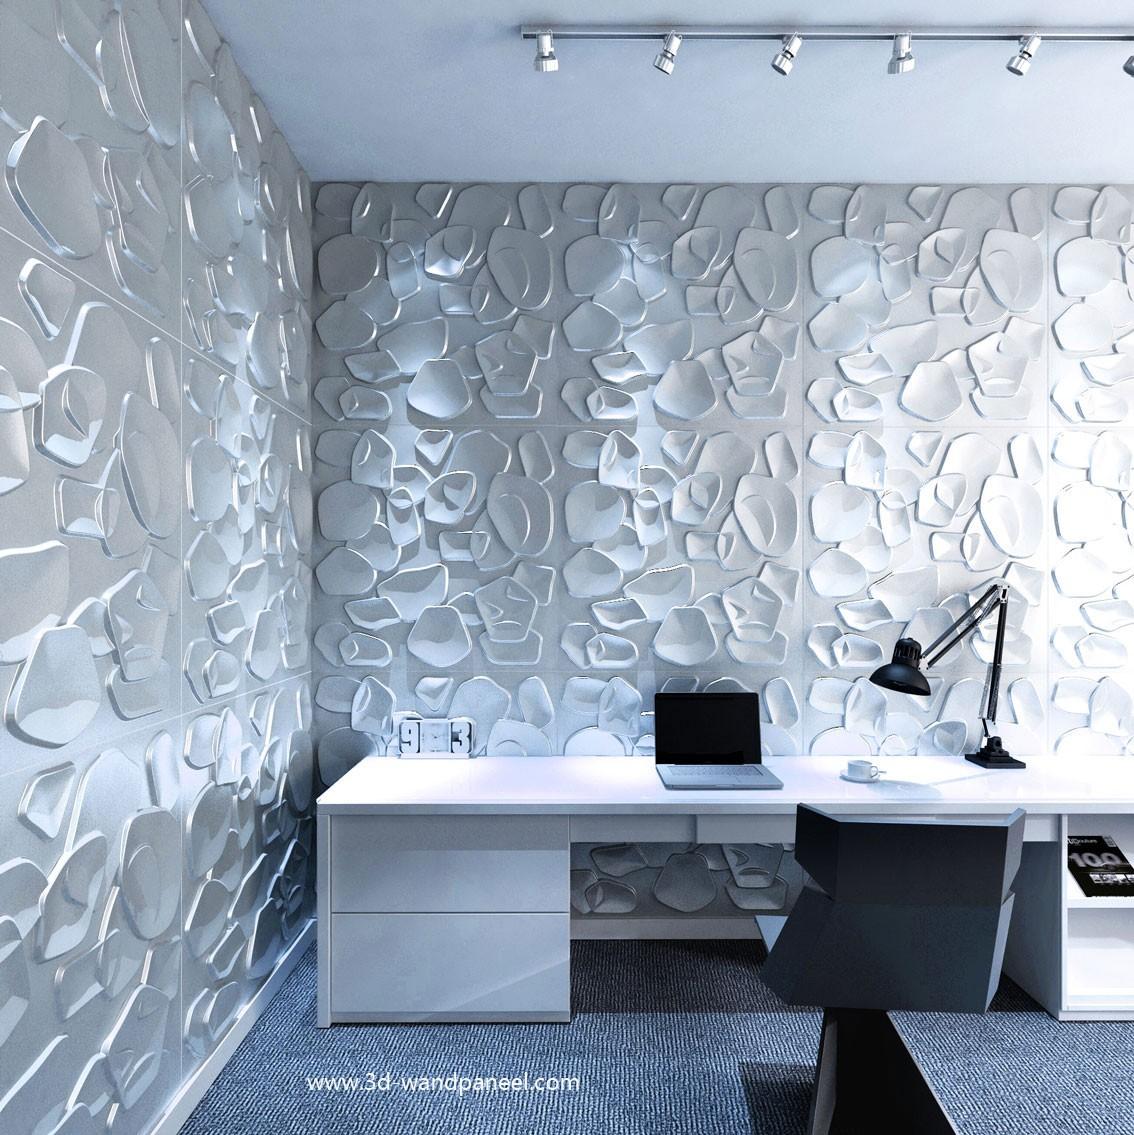 3D Wandpaneele Deckenpaneele Interior Design - Dekor DUCKWEED * 3D Paneele kaufen